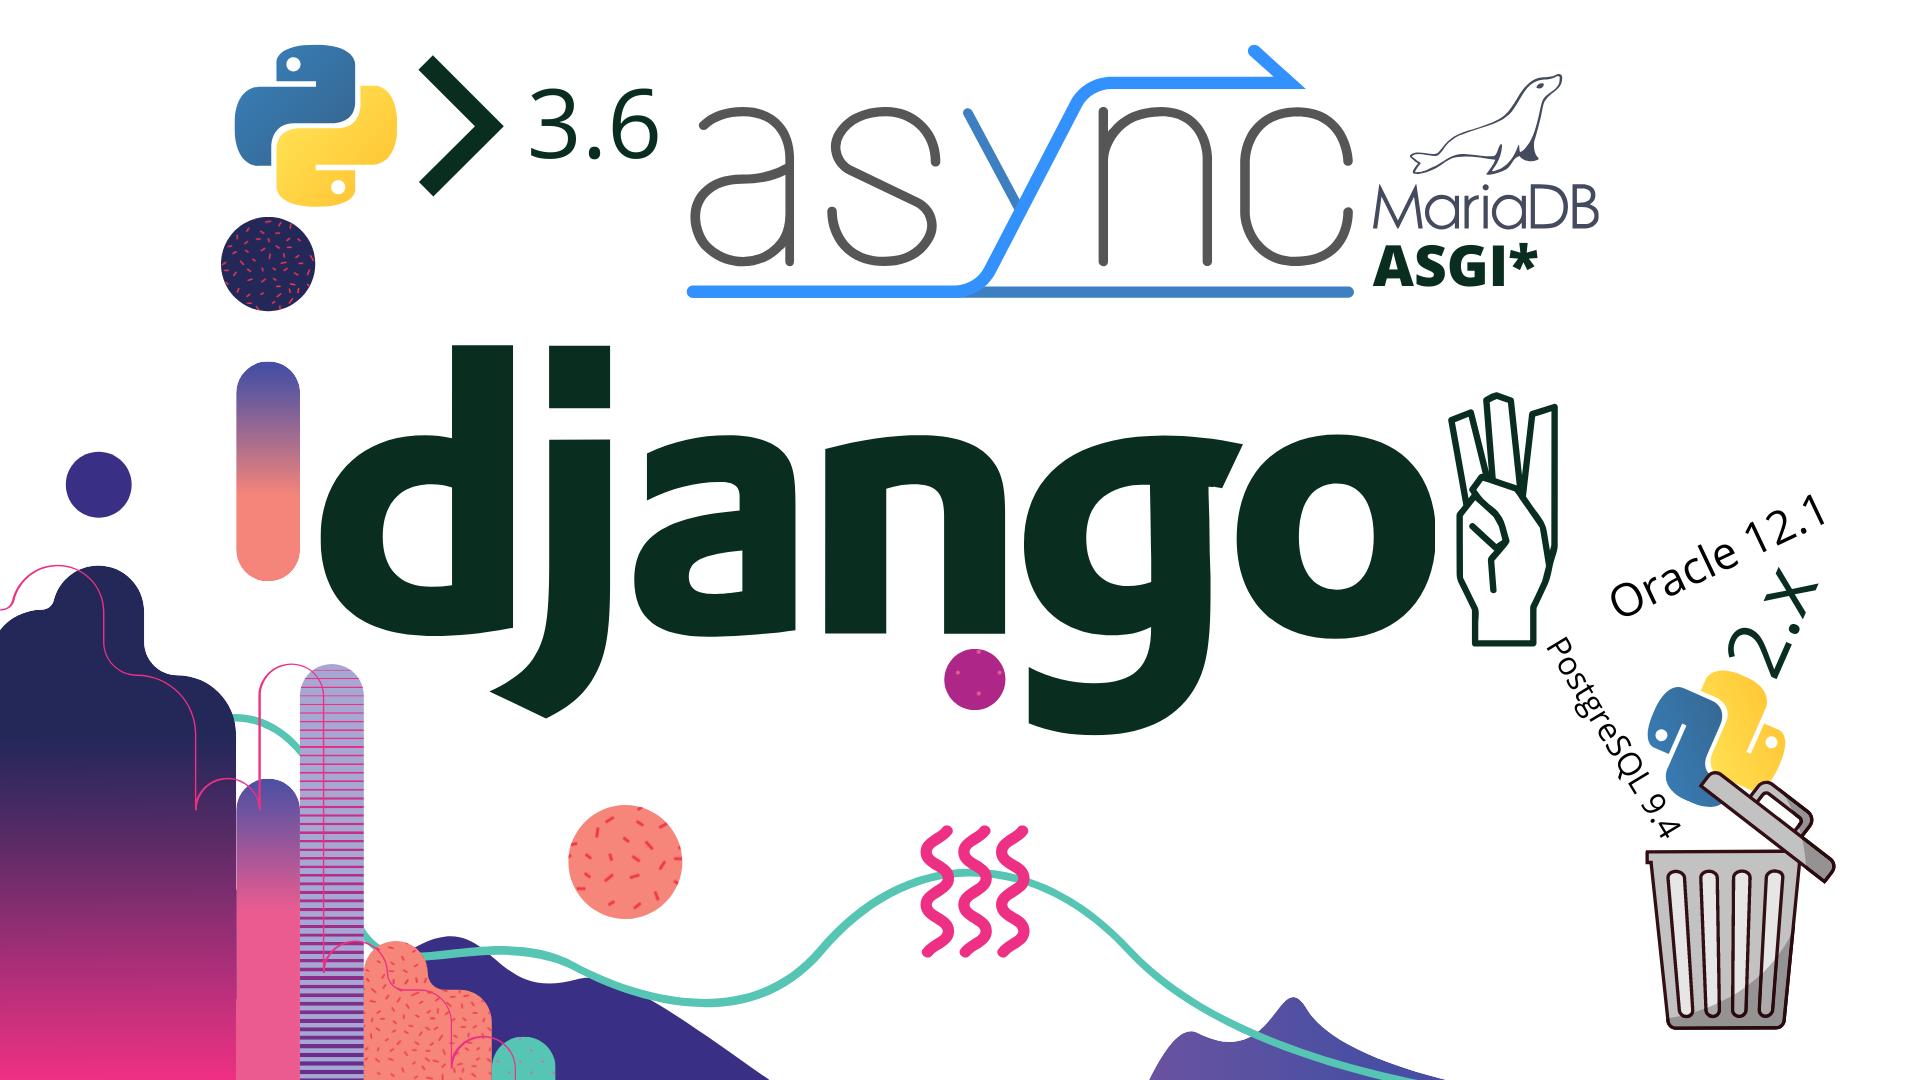 Whats new in django 3.0